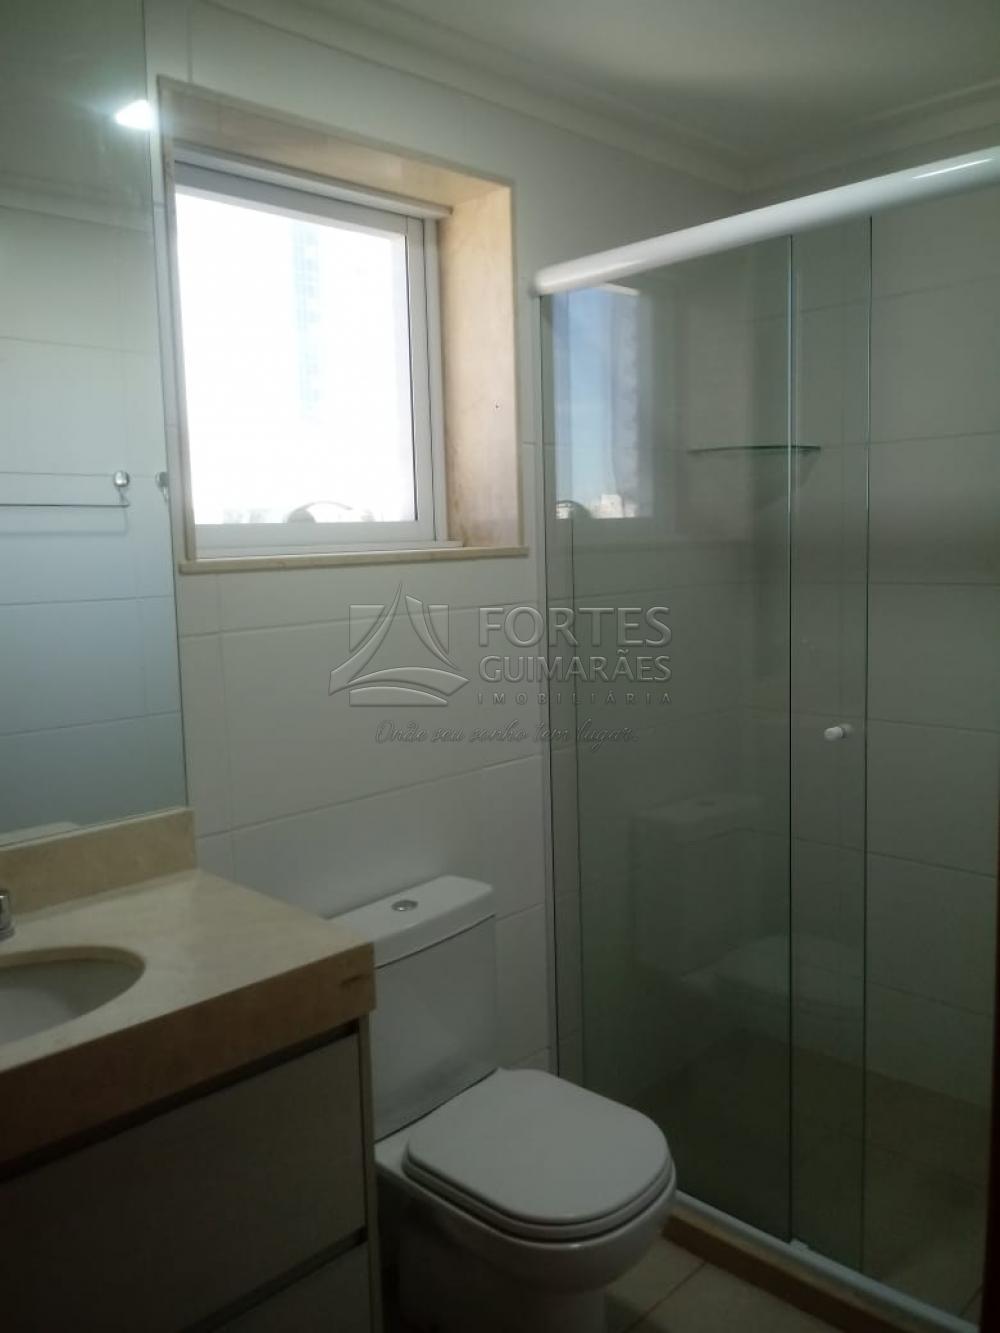 Alugar Apartamentos / Padrão em Ribeirão Preto apenas R$ 3.200,00 - Foto 30